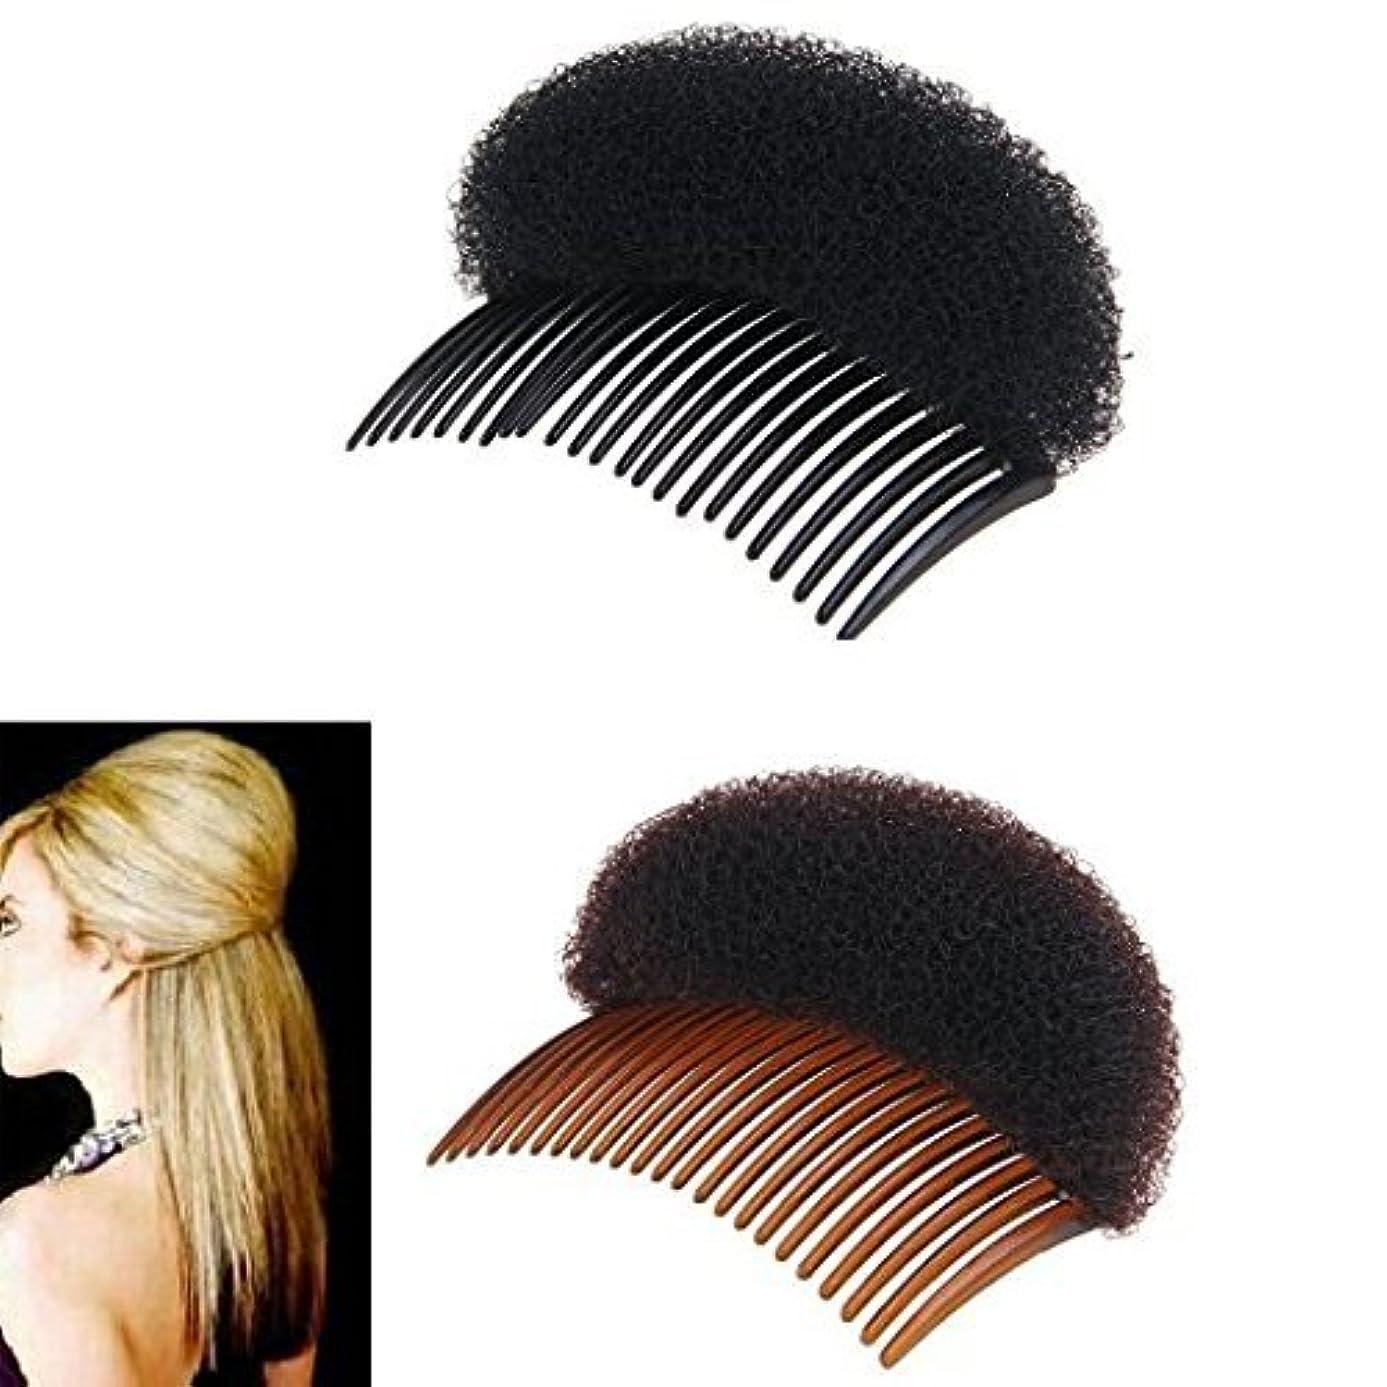 滴下生命体補う2Pices(1Black+1Brown) Women Bump It Up Volume Hair Base Styling Clip Stick Bum Maker Braid Insert Tool Do Beehive Hair Styler Party Hair Accessories with Comb [並行輸入品]